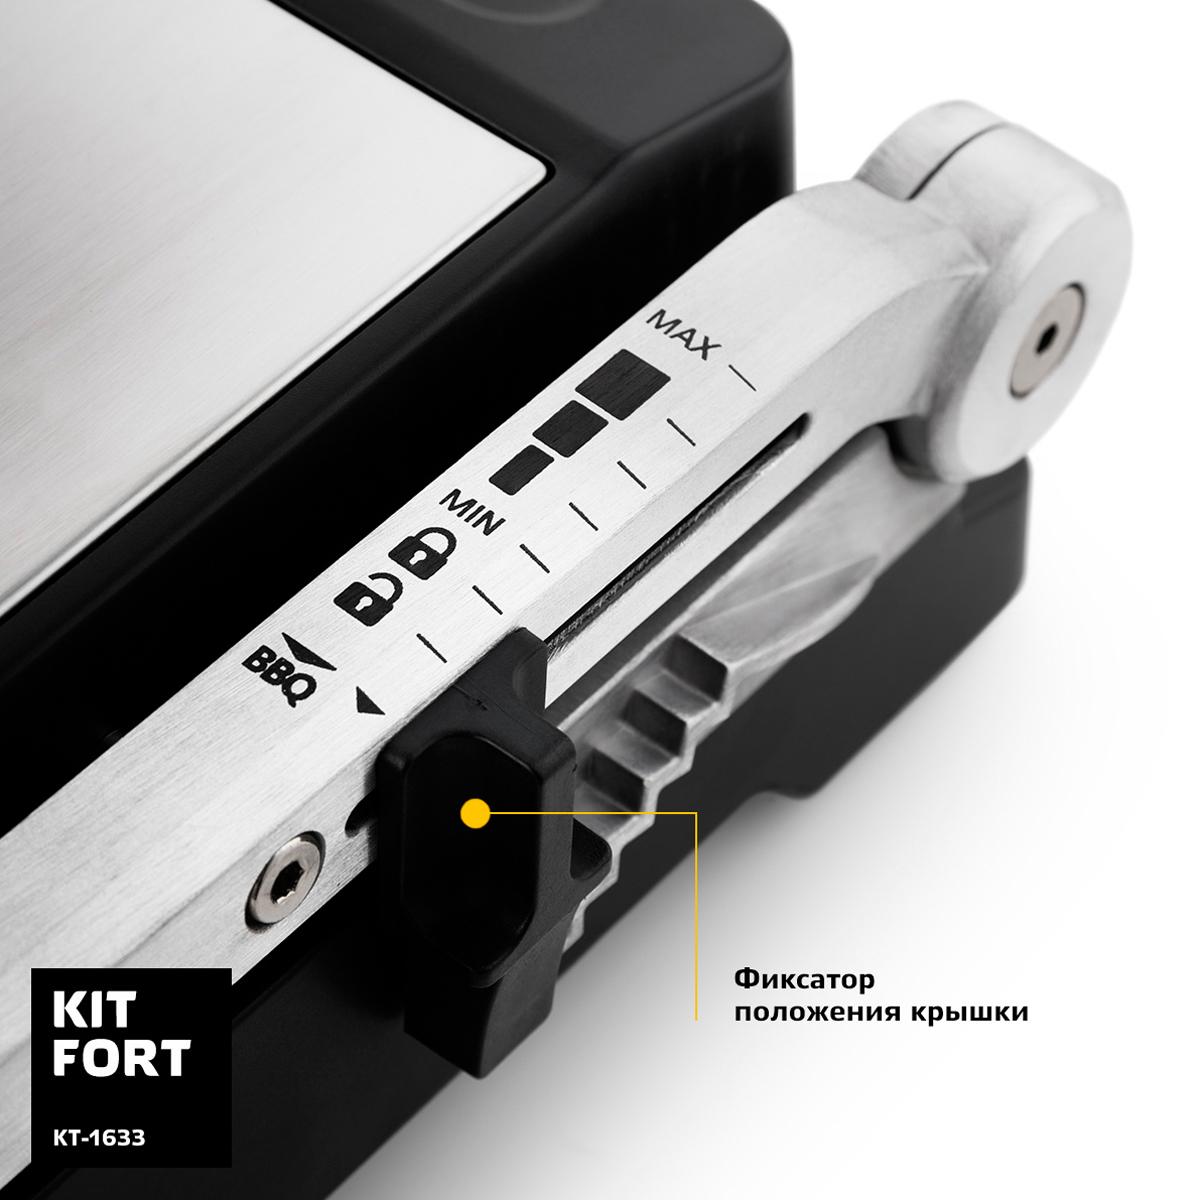 Электрогриль Kitfort КТ-1633